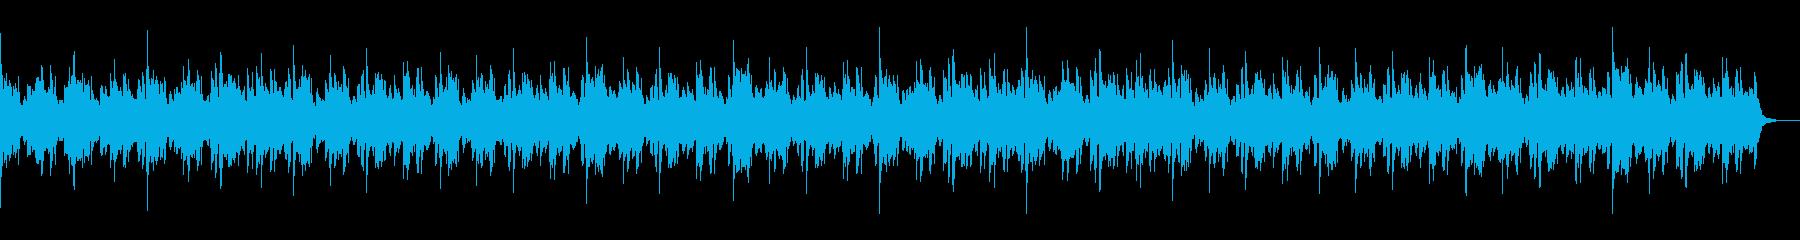 スキャットが響くバラードの再生済みの波形